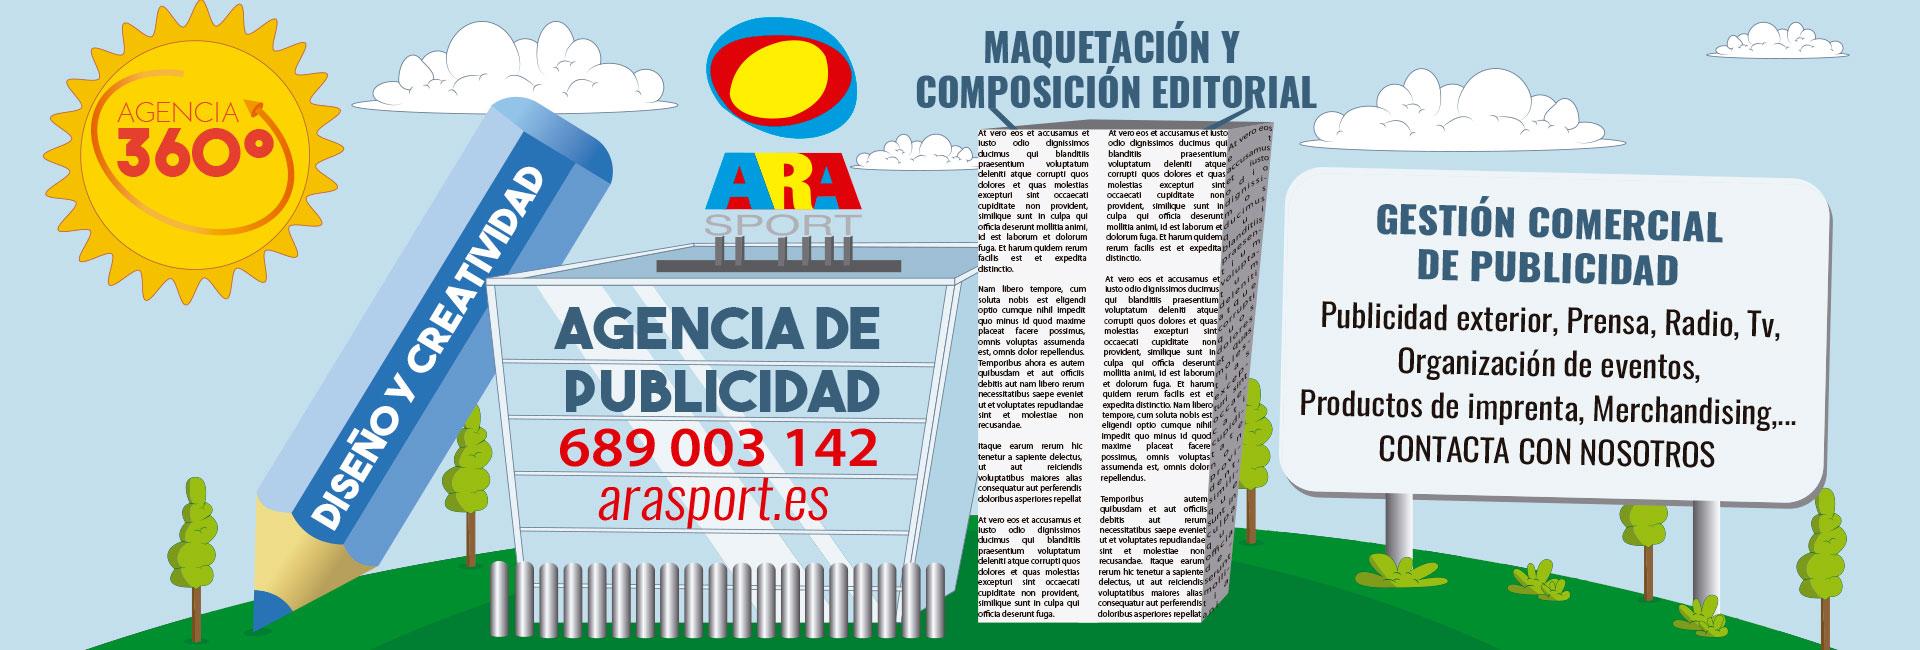 infografia-ara-publicidad-sport